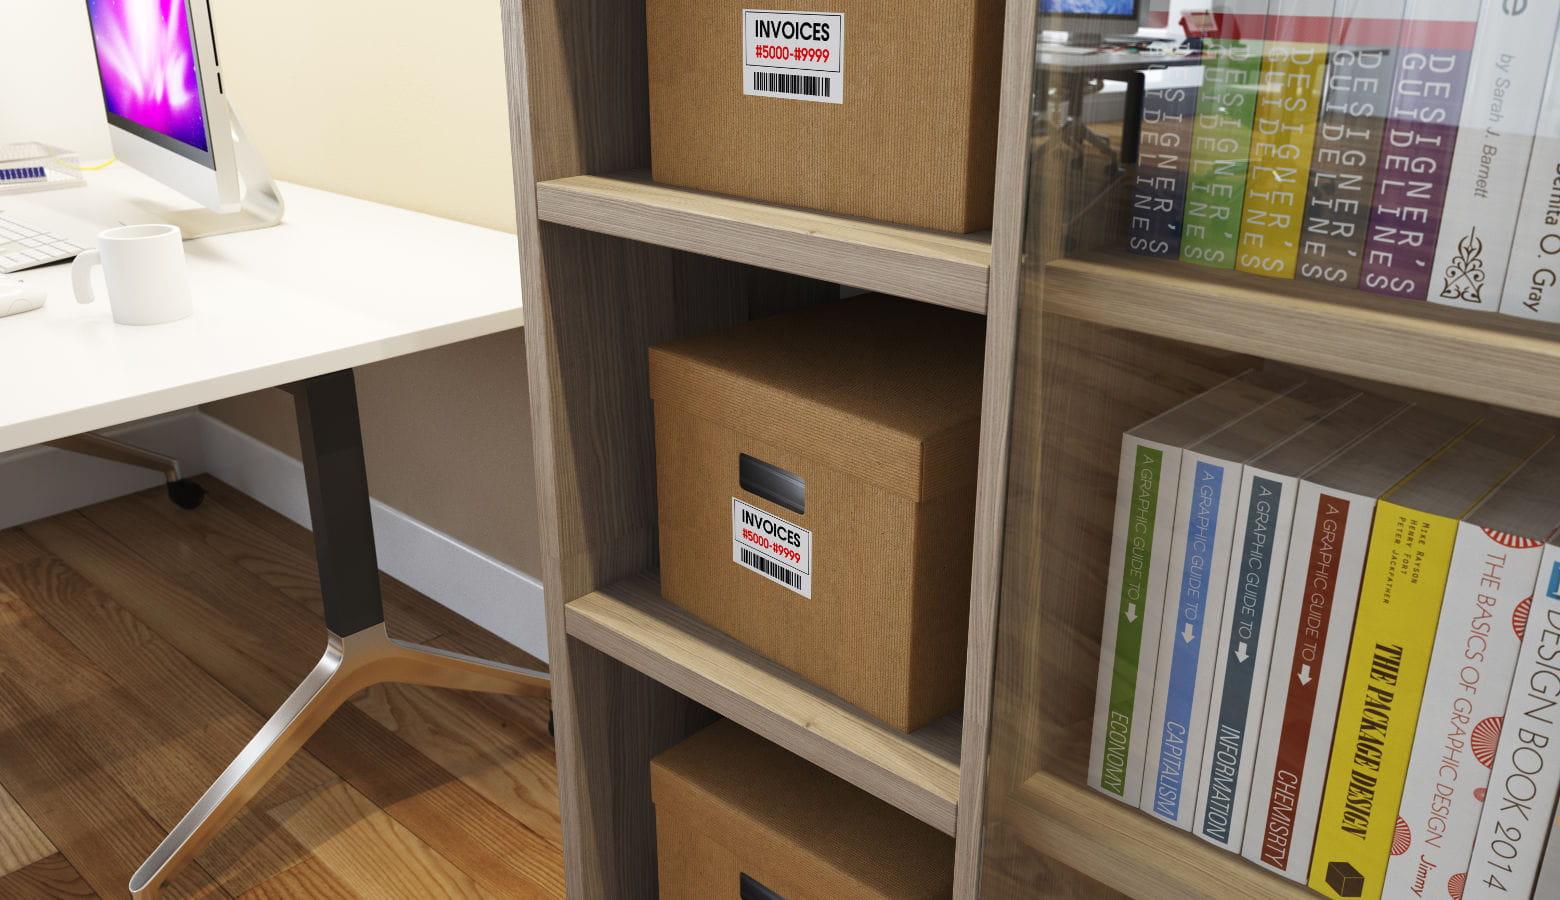 Estantería con cajas y carpetas etiquetadas